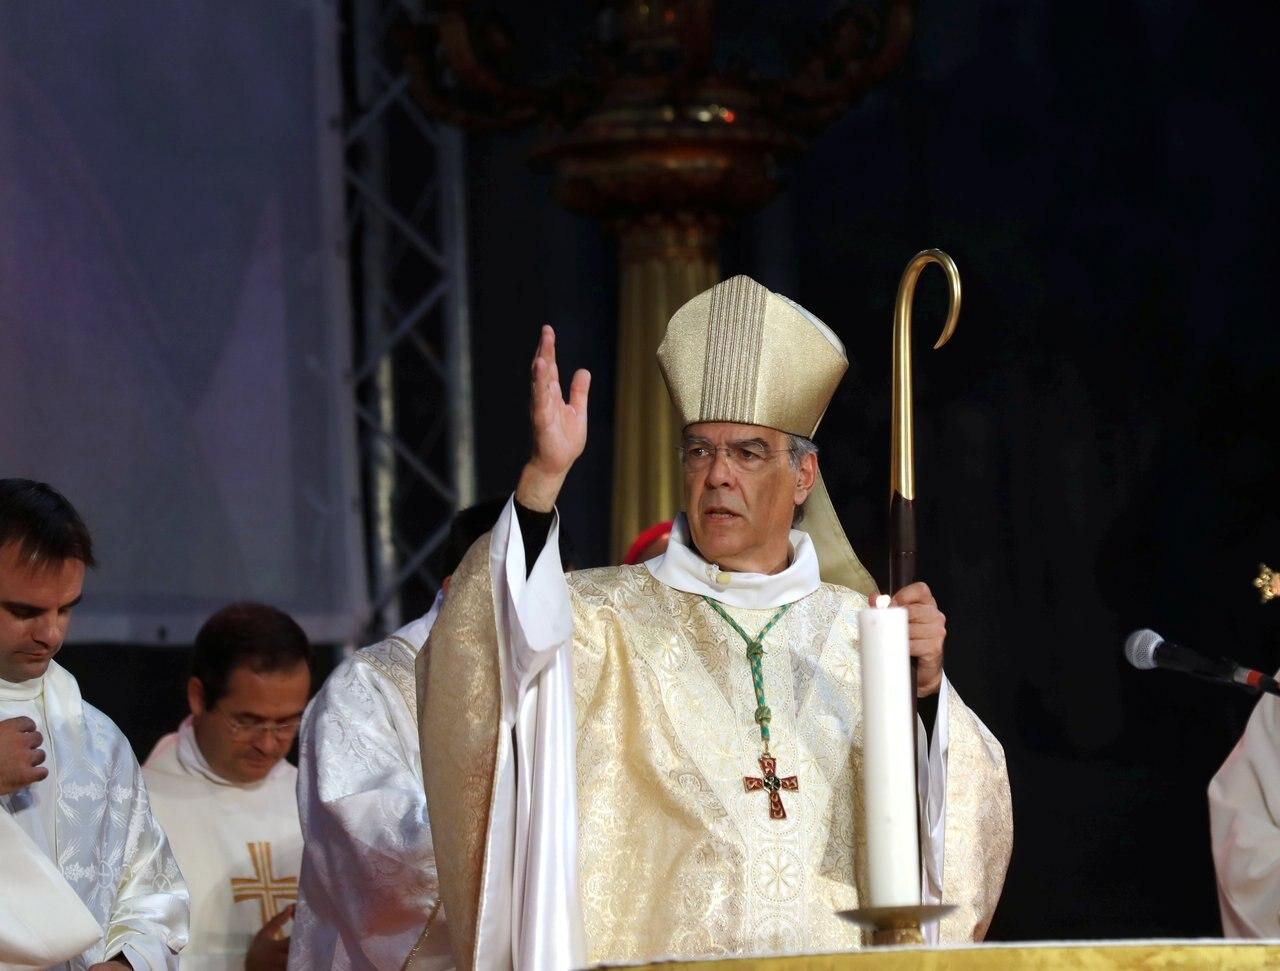 Bioéthique catholique : un blog créé pour les catholiques  répondant à l'appel. - Page 4 484c3462-c3f9-11e8-bfc0-d34ee9c61331_1